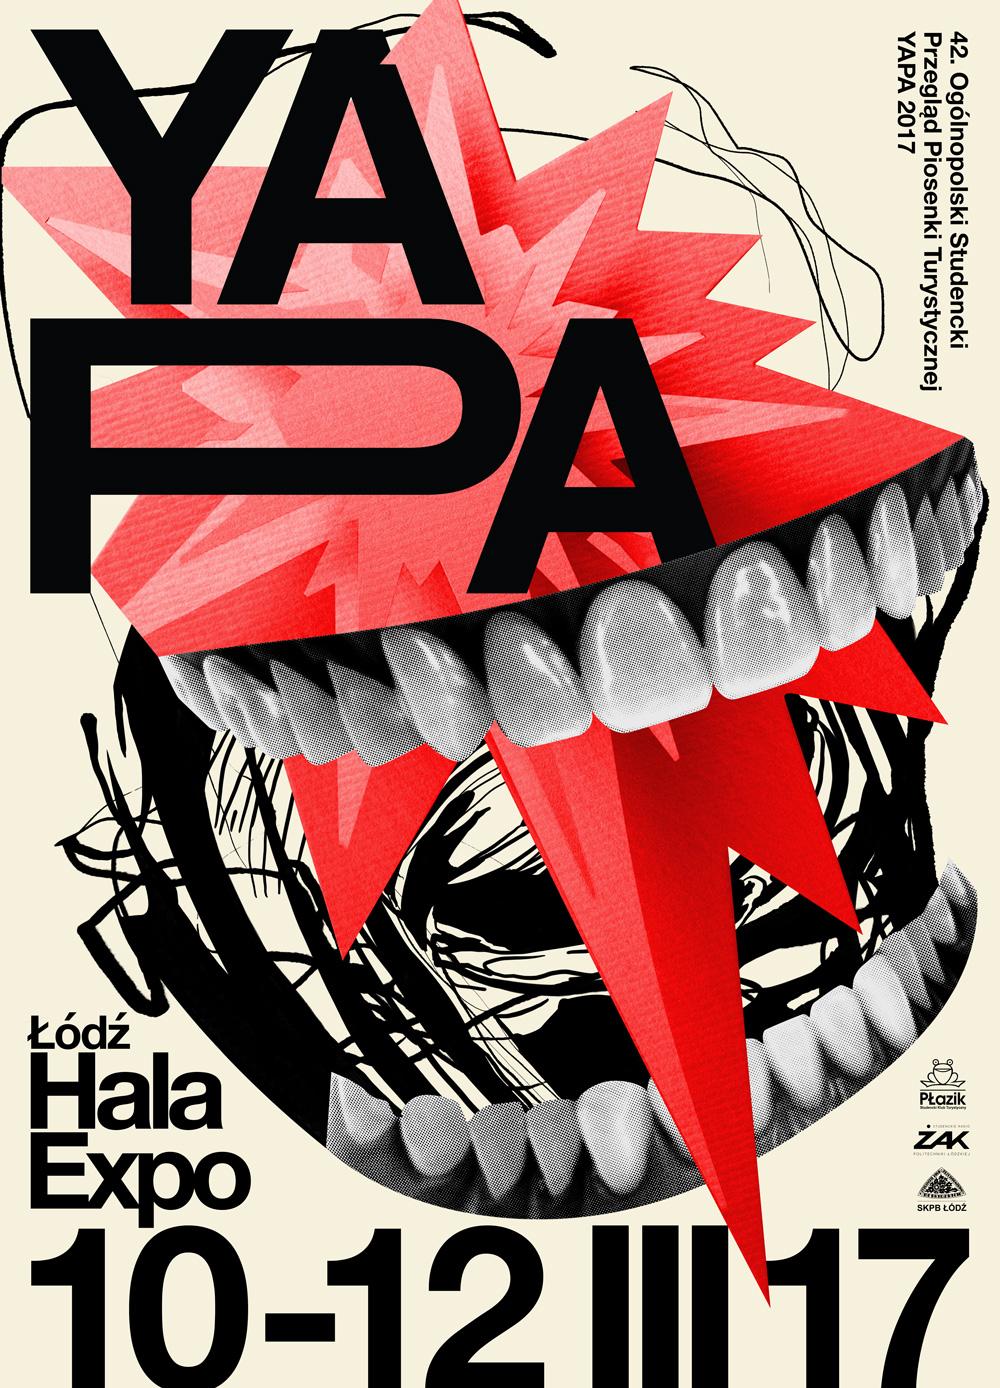 Plakat Yapy 2017 Osppt Yapa